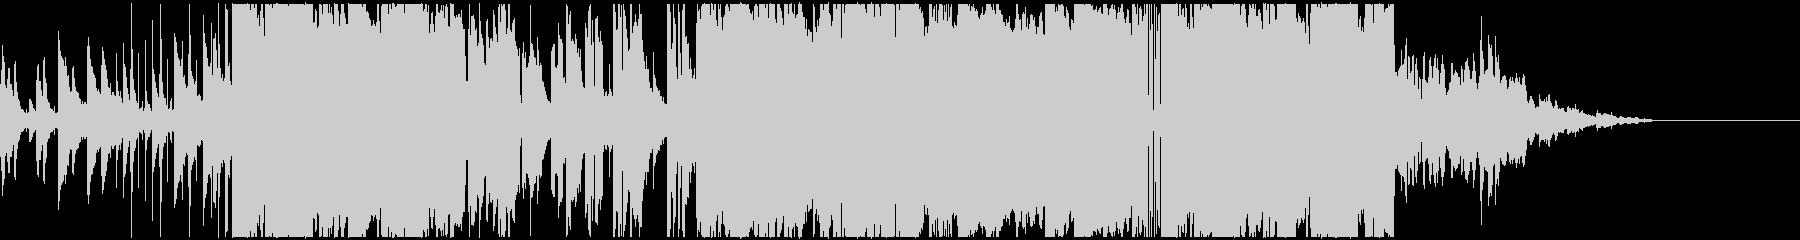 レトロでジャジーなローファイヒップホップの未再生の波形